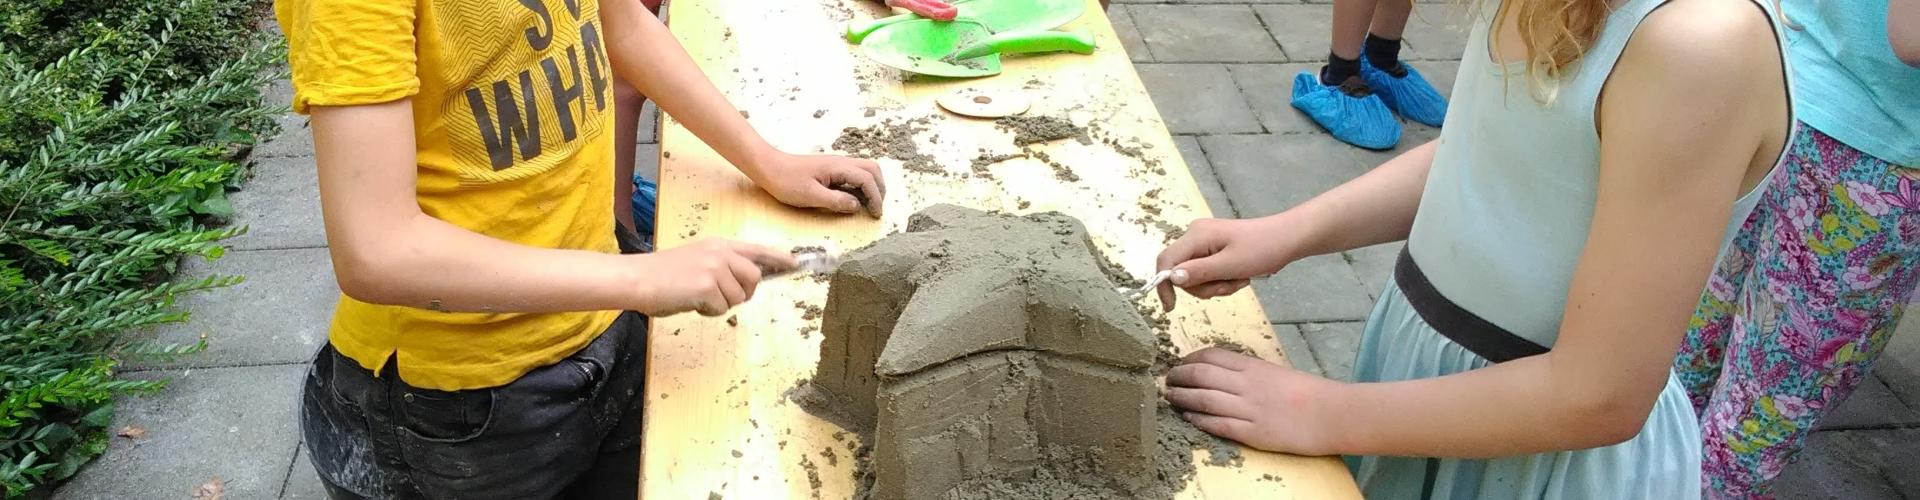 Zandsculpturen_tafels met kinderen